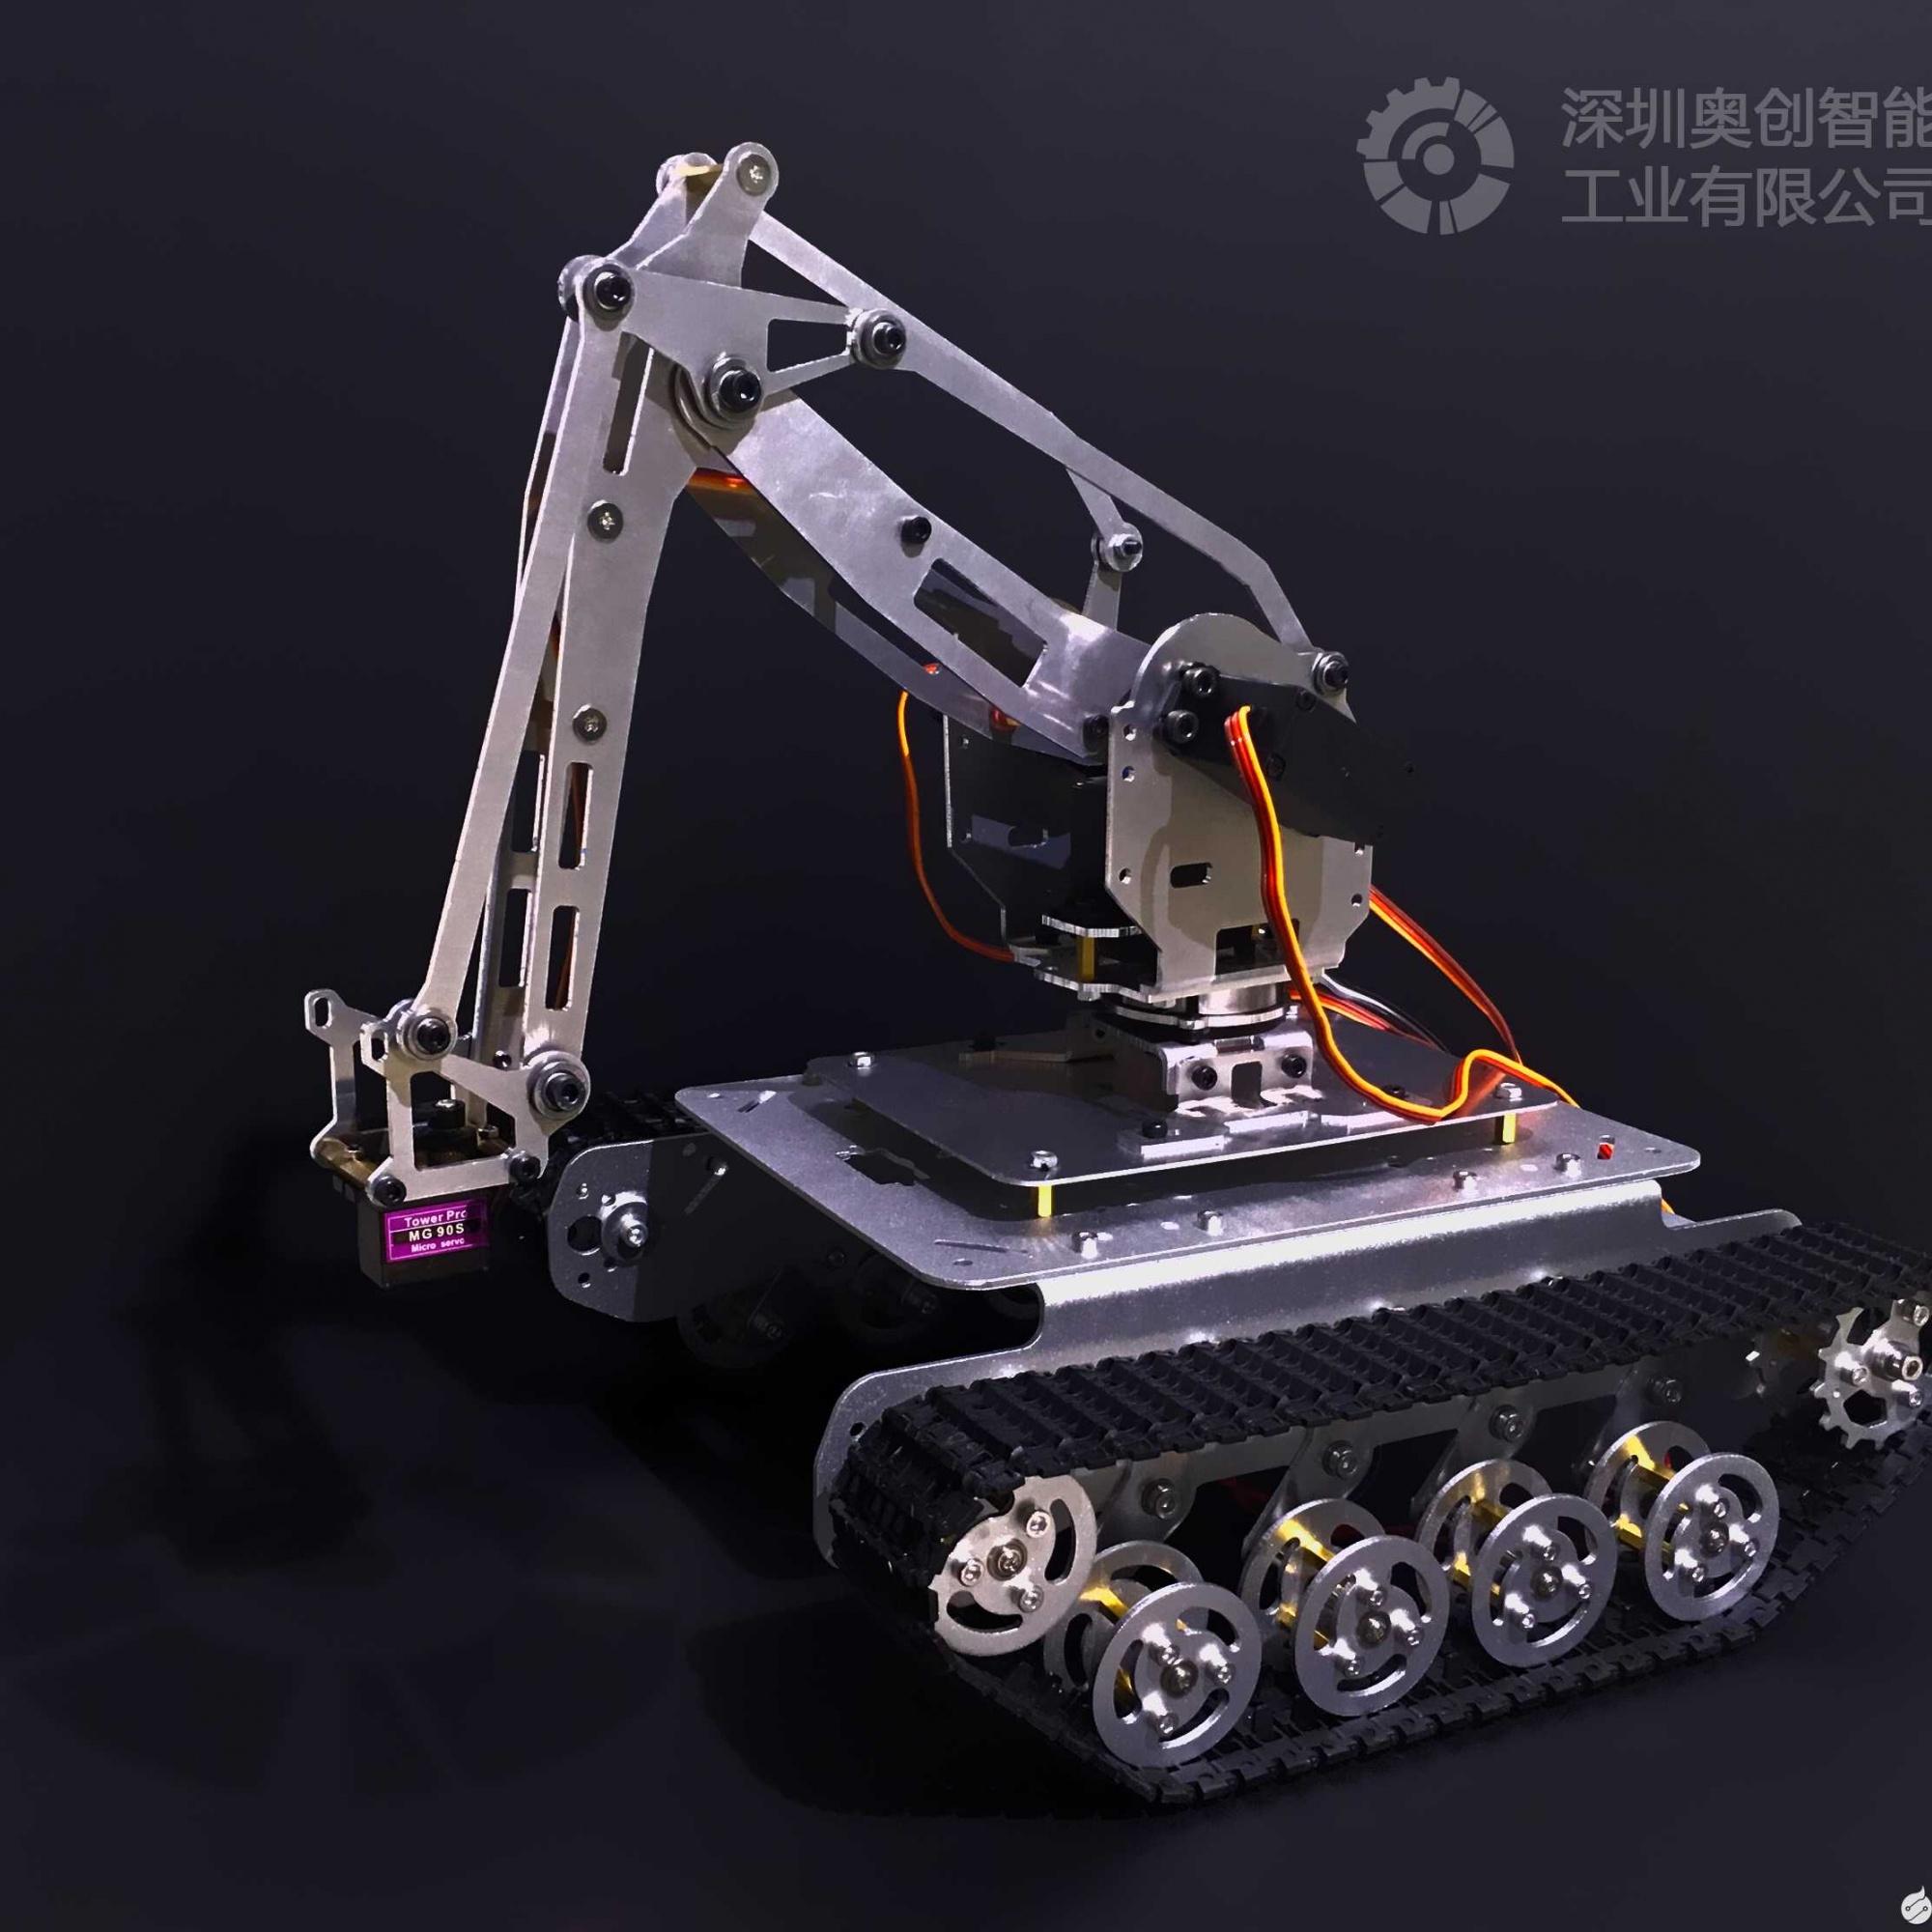 STM32主控芯片,可移动机械臂,手柄和APP(蓝牙、WiFi)2种控制方式